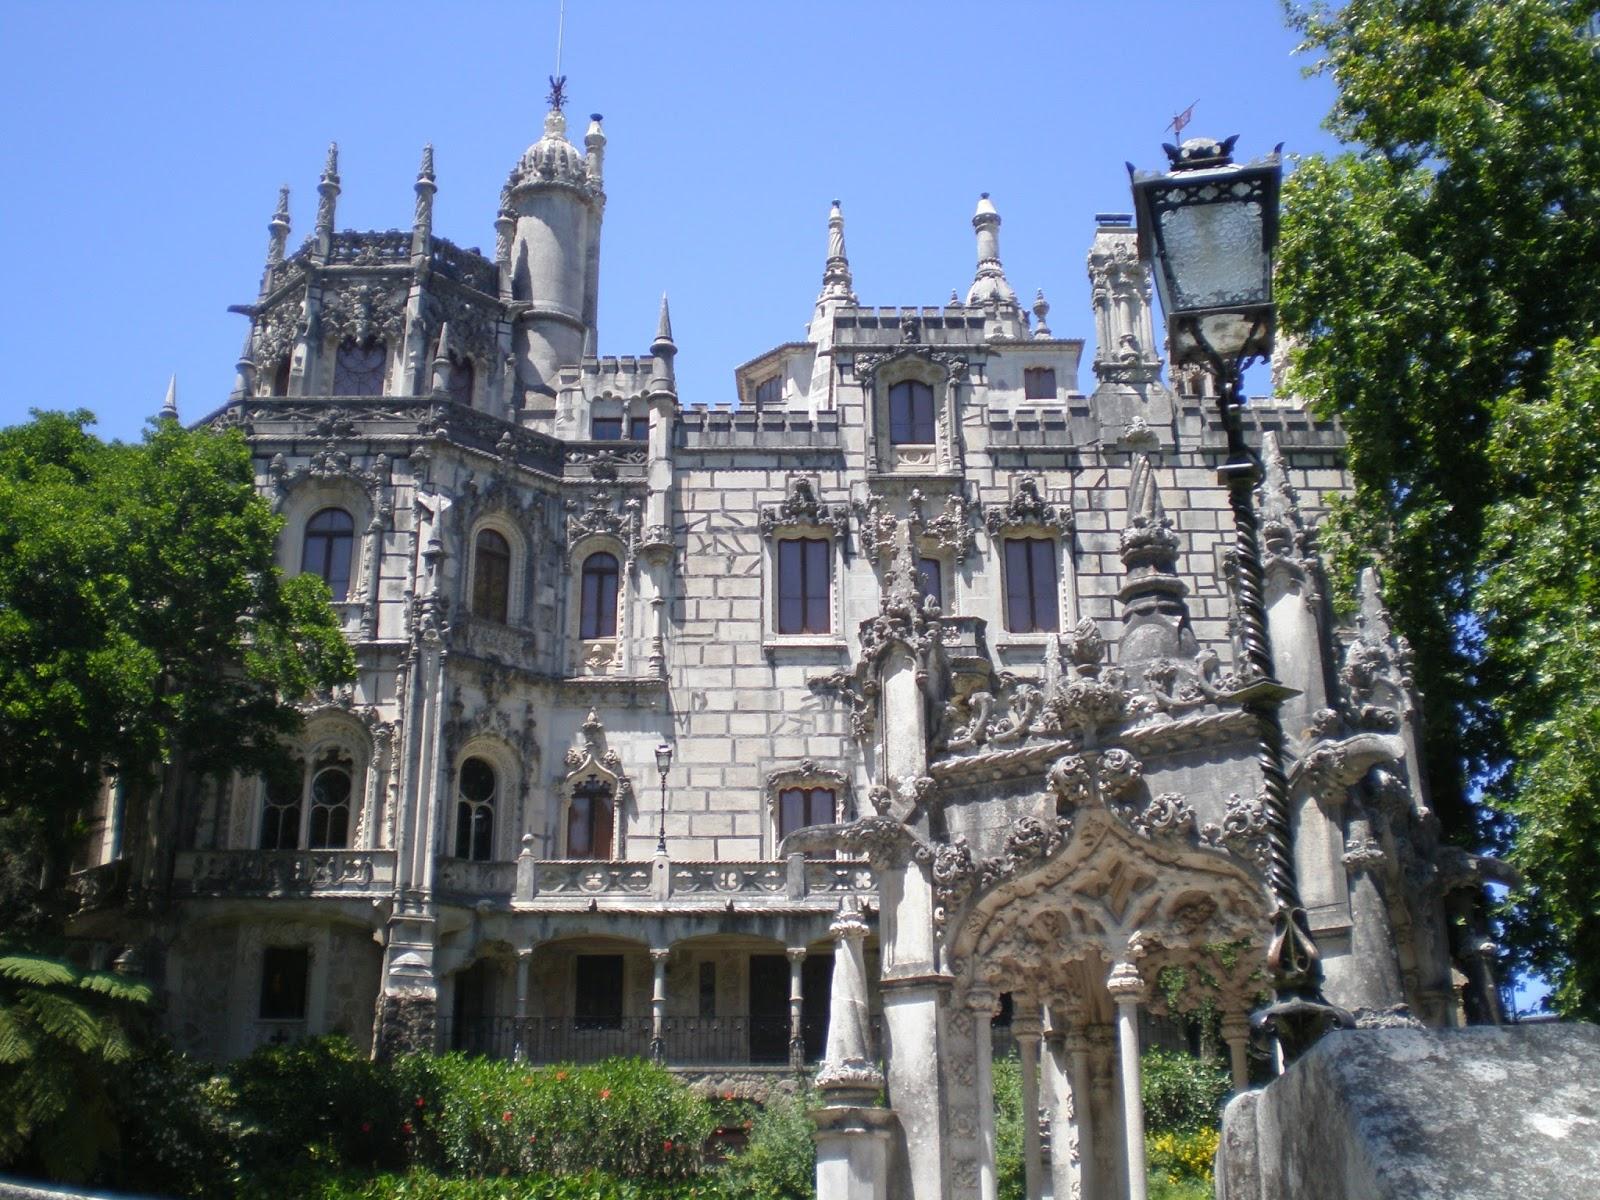 Lo Más Iniciático |Quinta de Regaleira, Sintra, Portugal 2